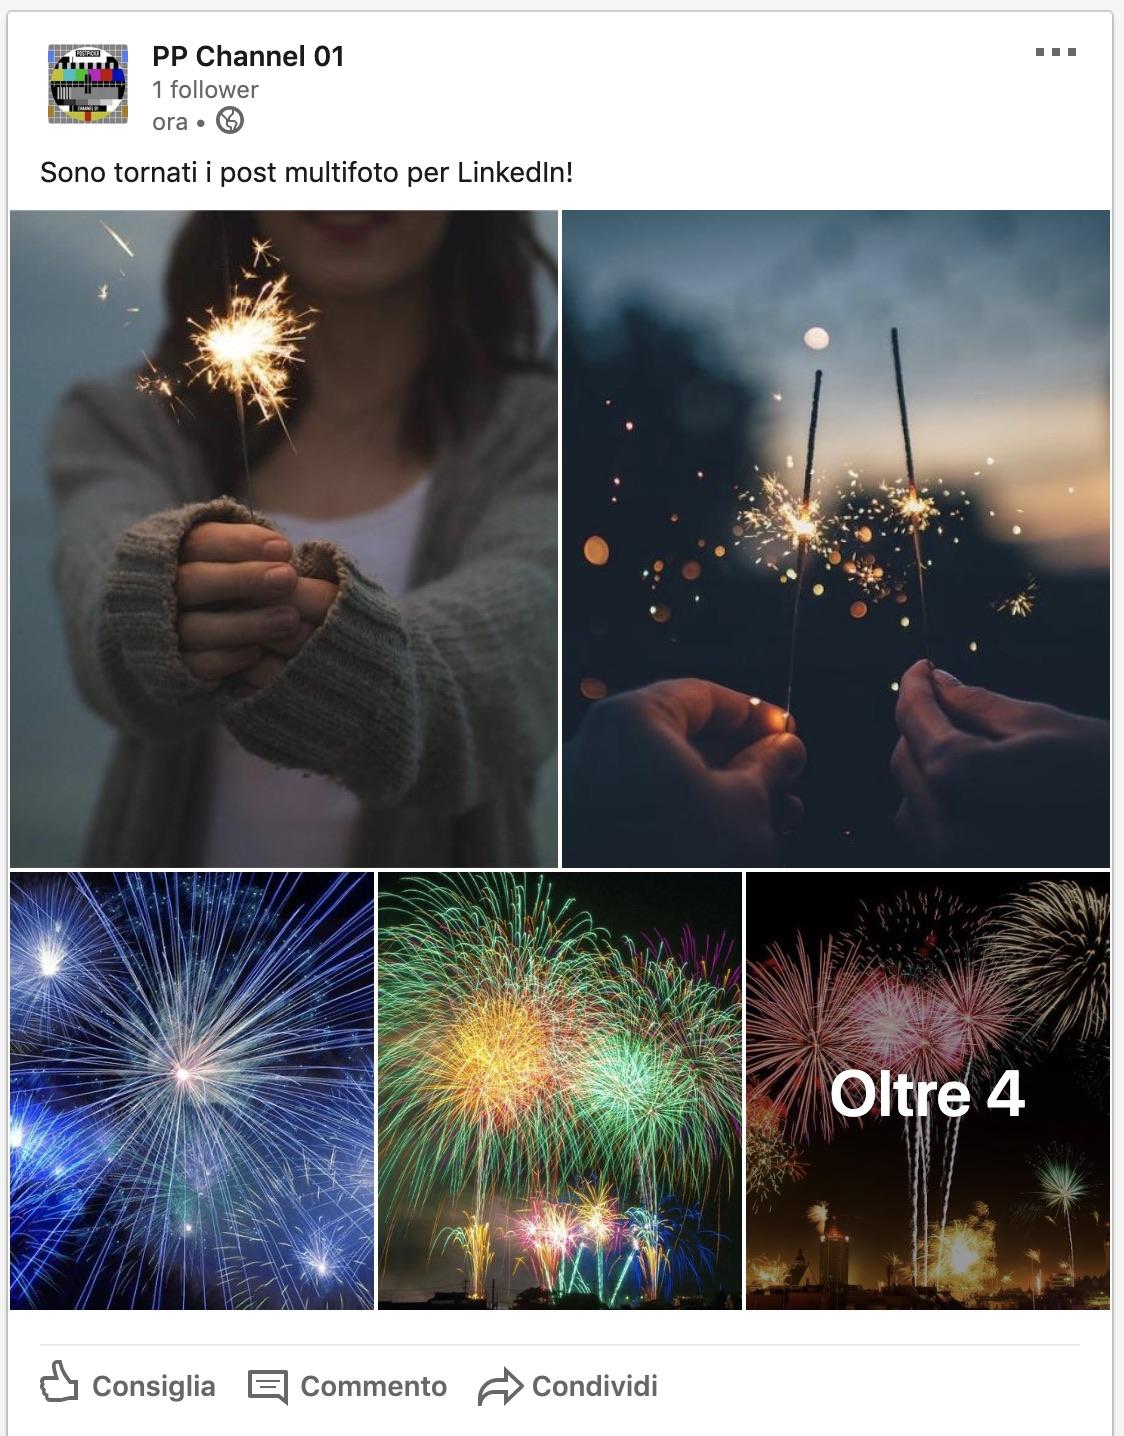 Un post multifoto pubblicato su LinkedIn